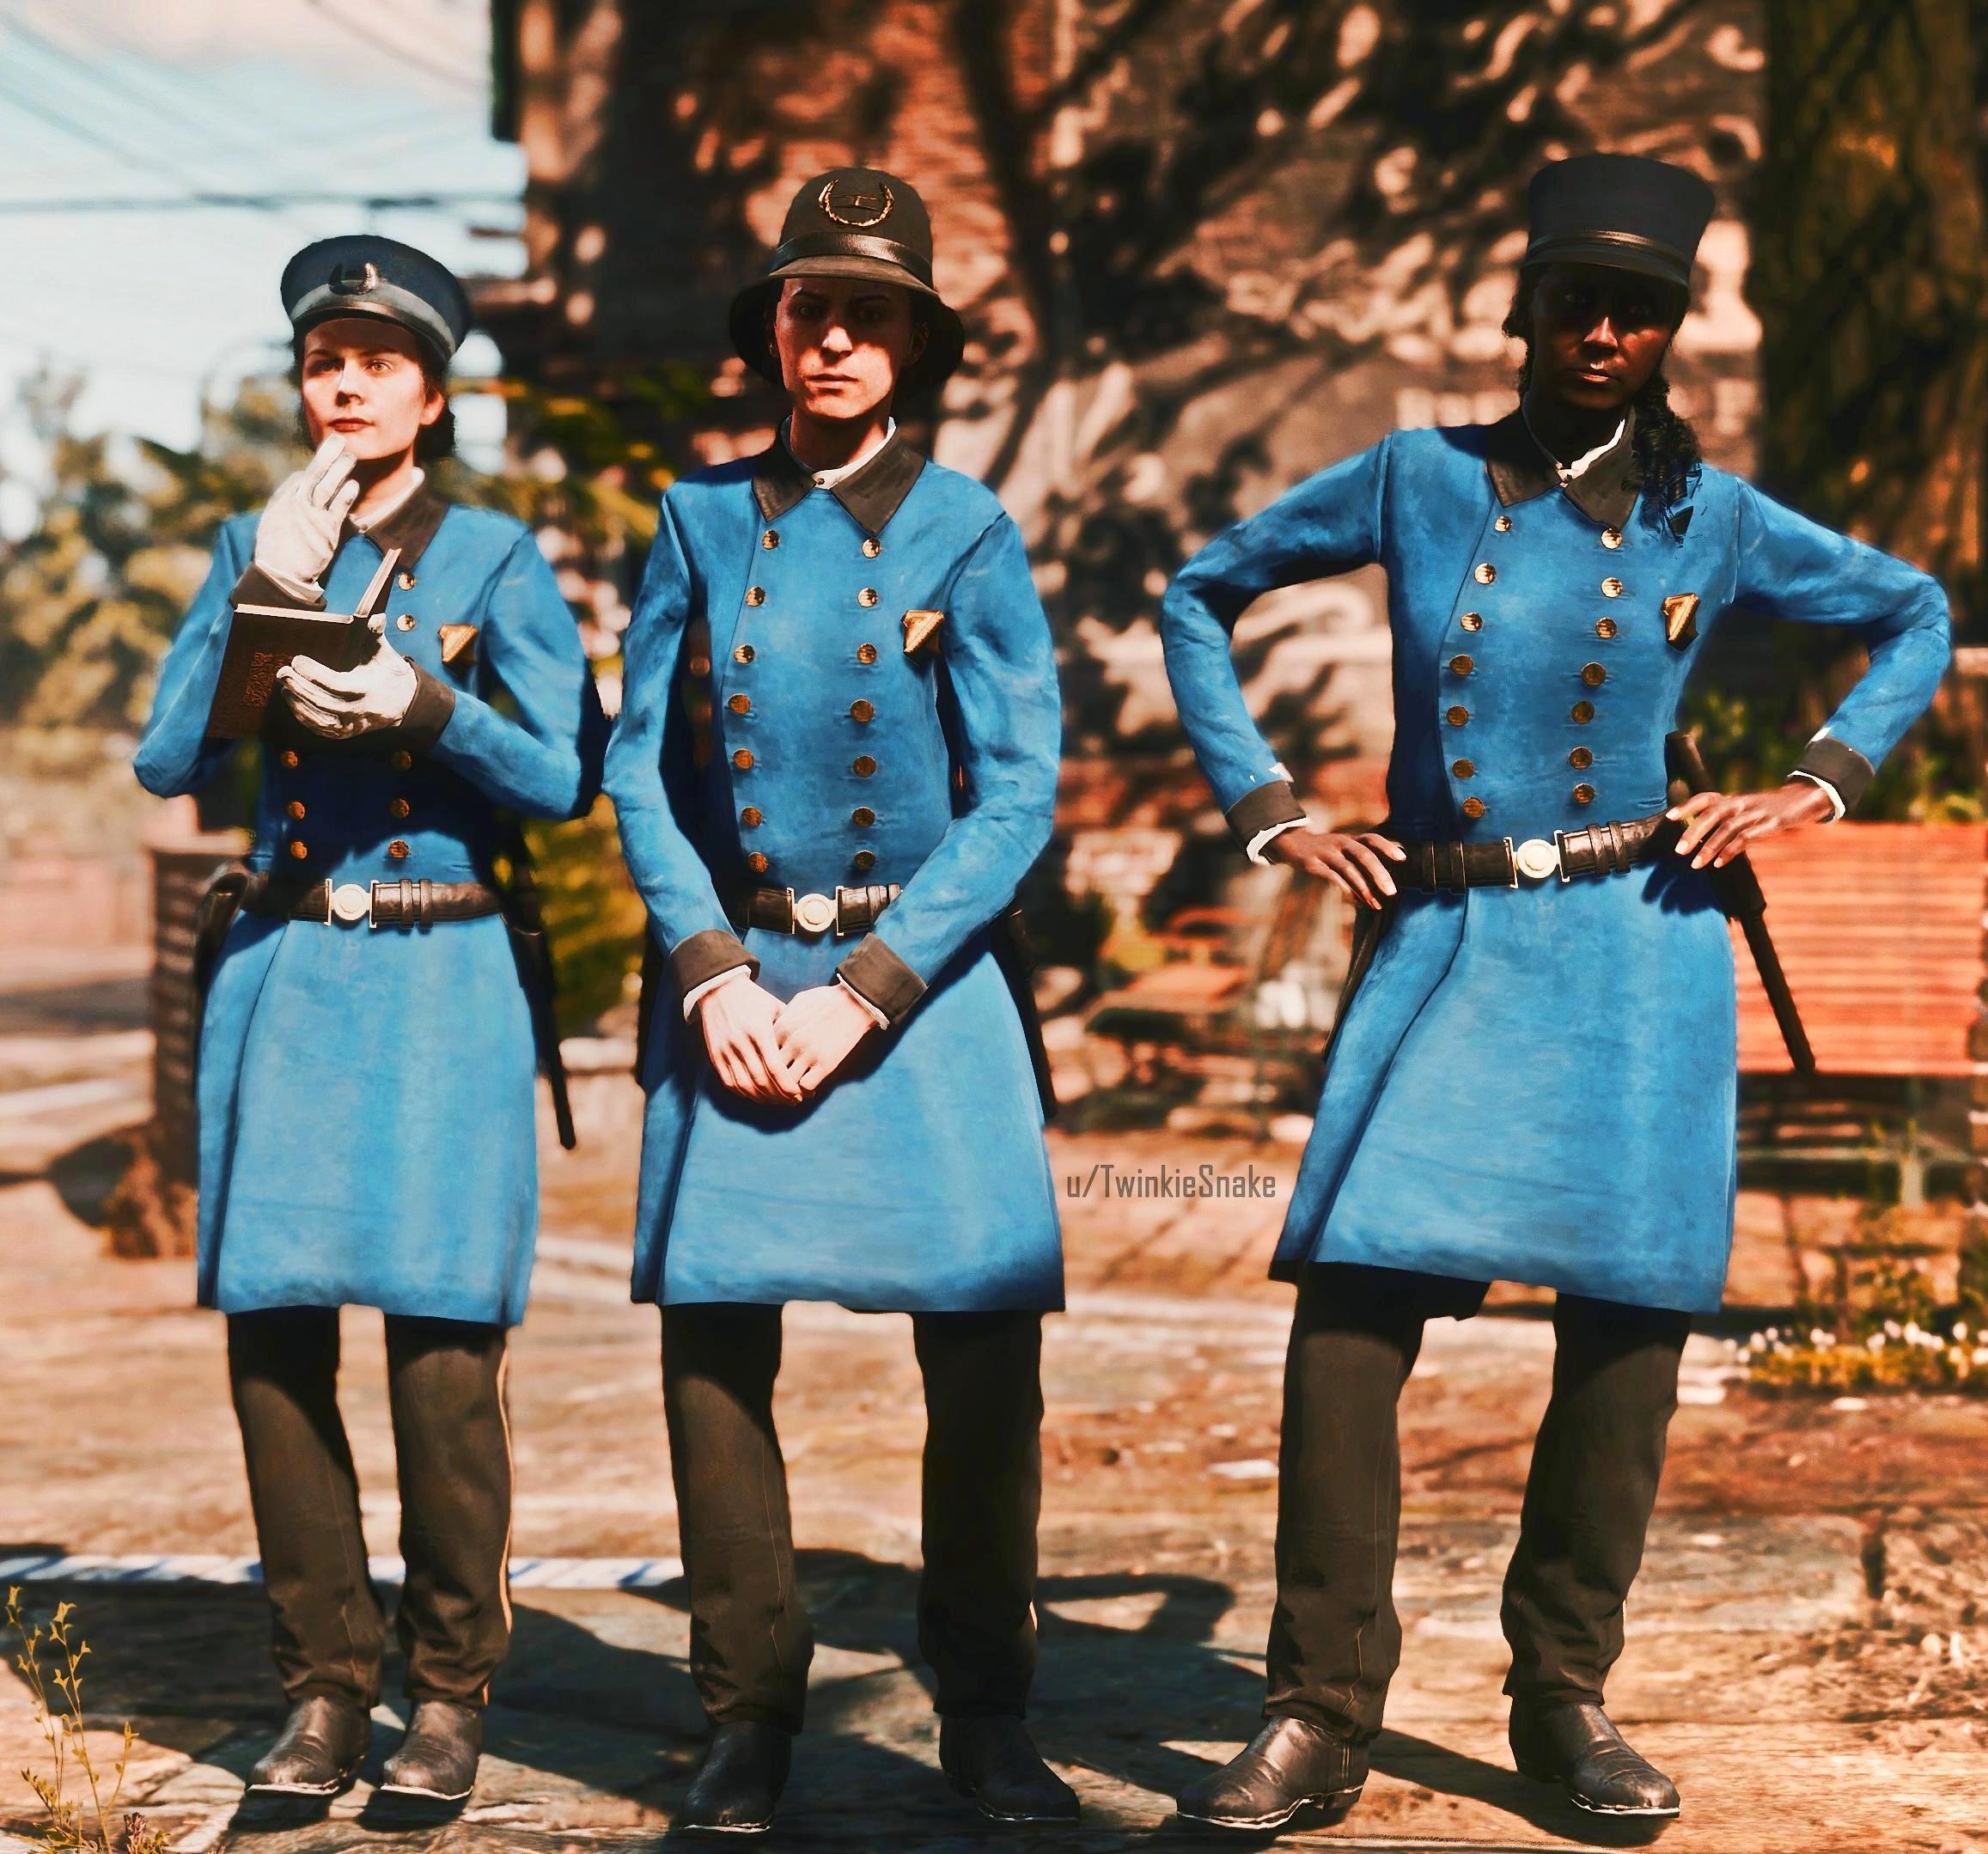 Суфражистки, ещё рано: в файлах Red Dead Redemption 2 нашли незаконченные модели женщин-полицейских из Сен-Дени